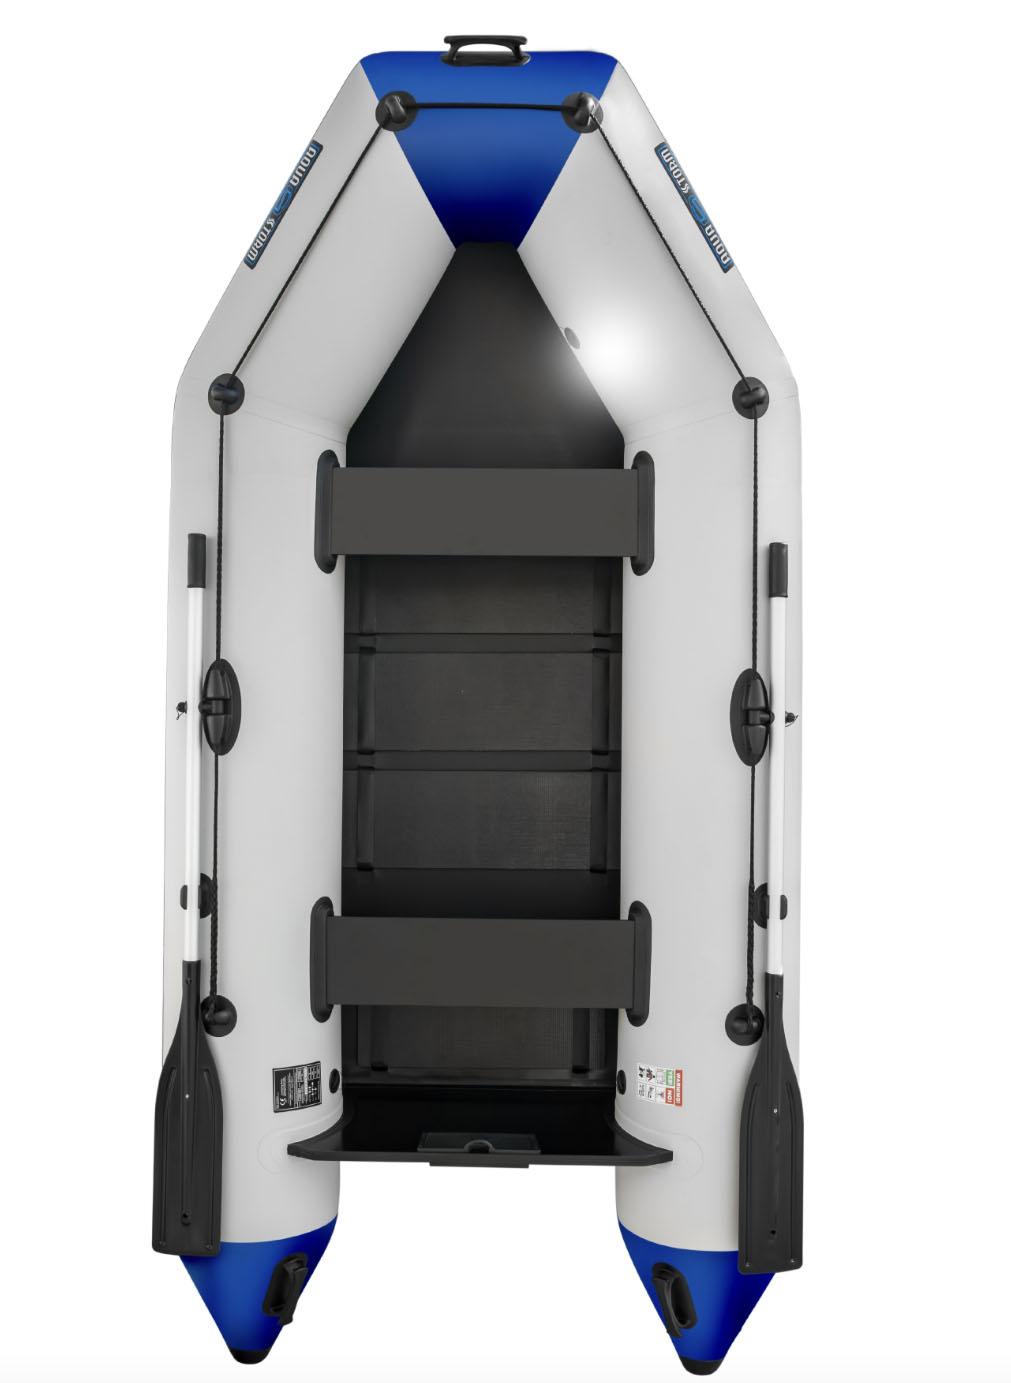 Aqua Storm - Aqua Storm Izgara Taban Şişme Bot IT STM 330 Gri-Mavi